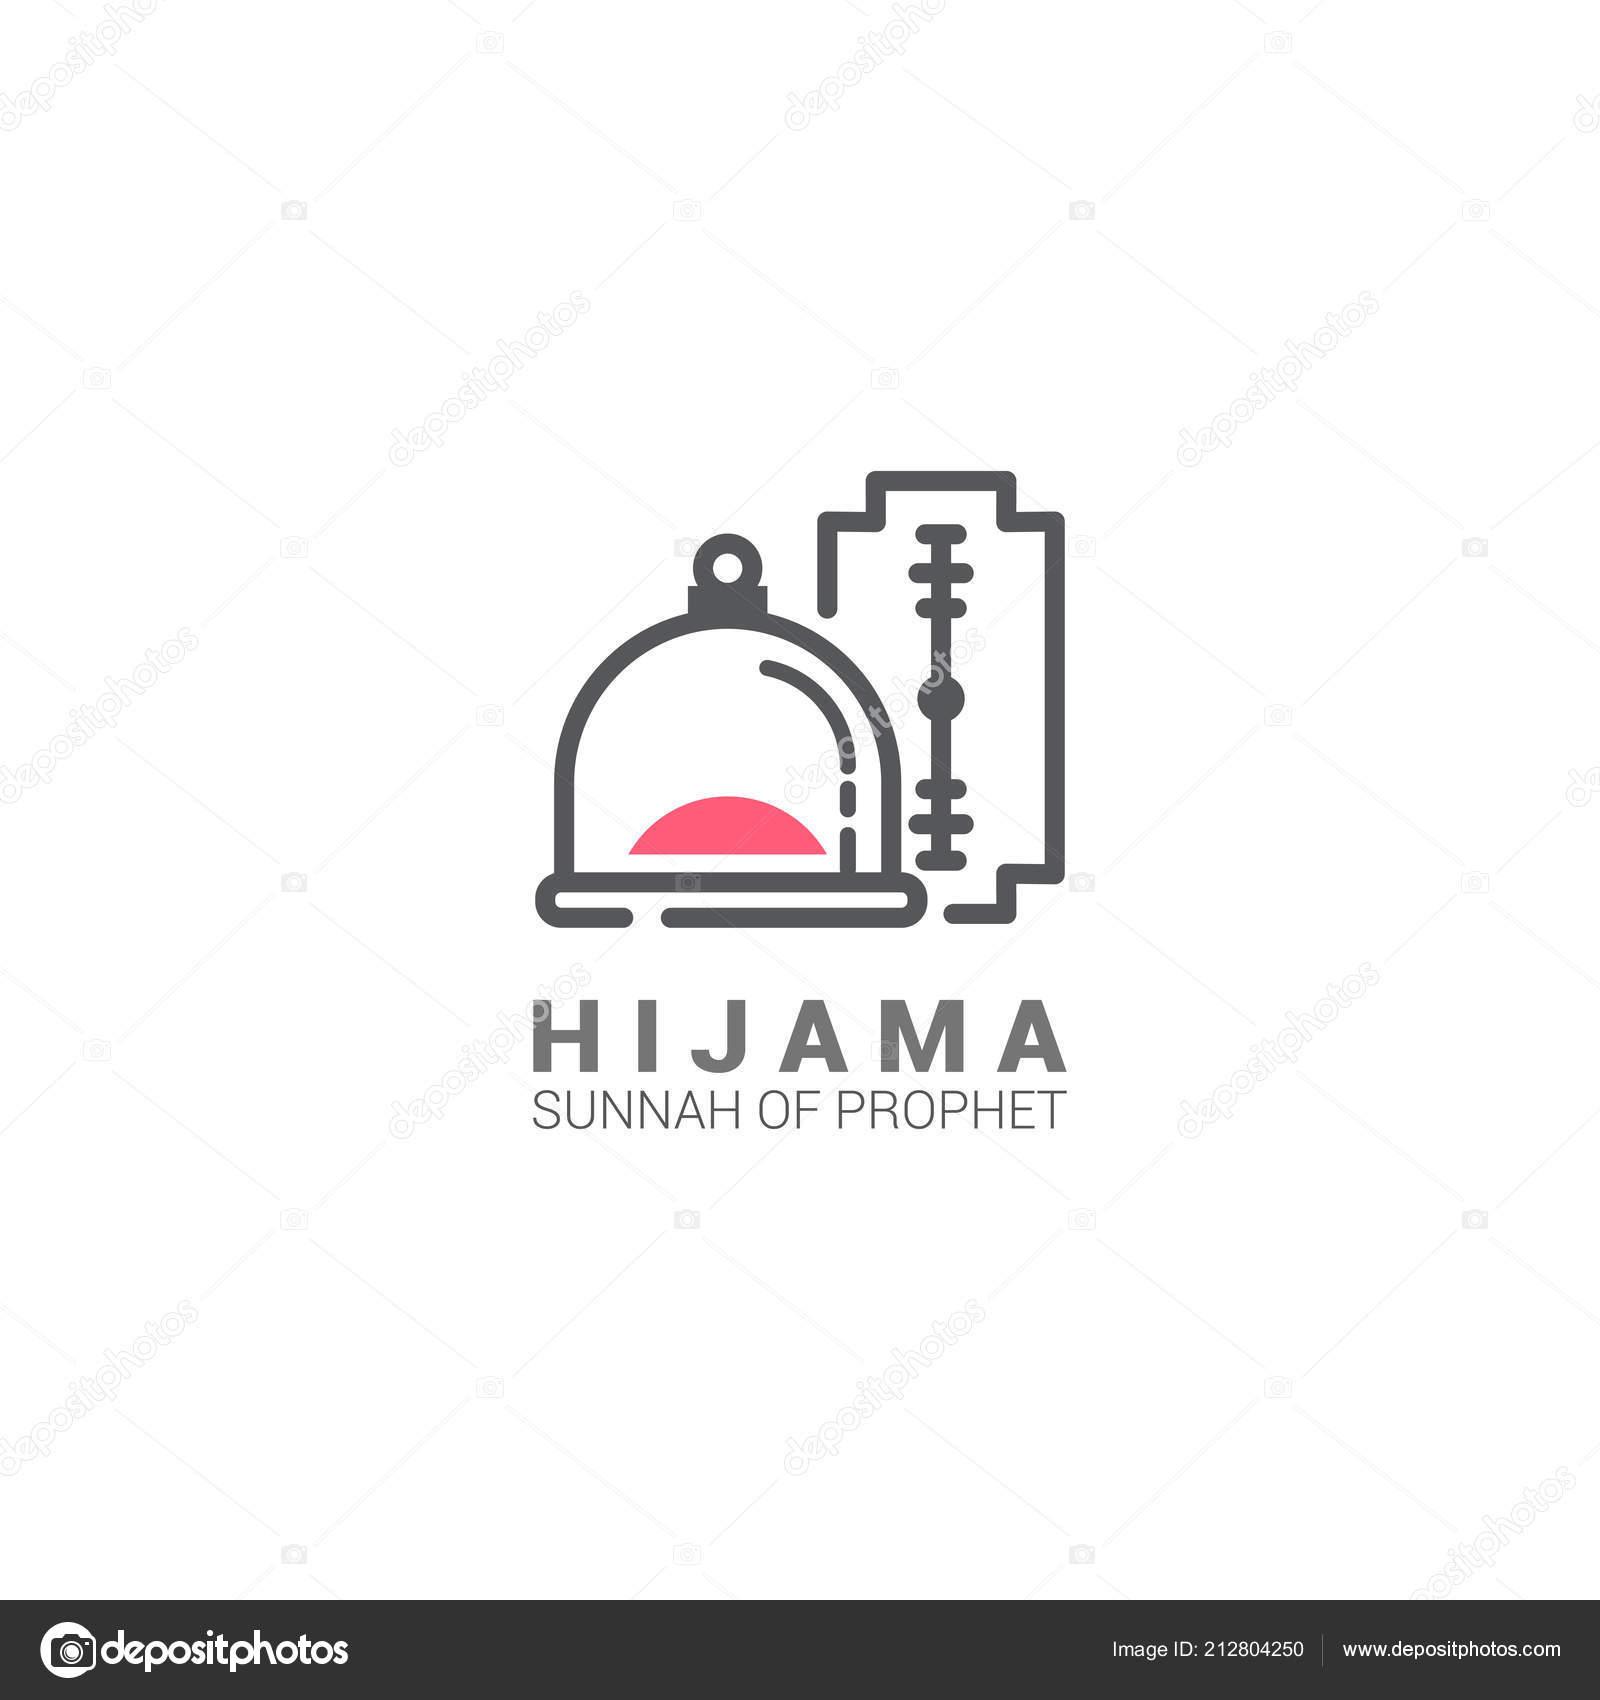 Векторные картинки хиджама